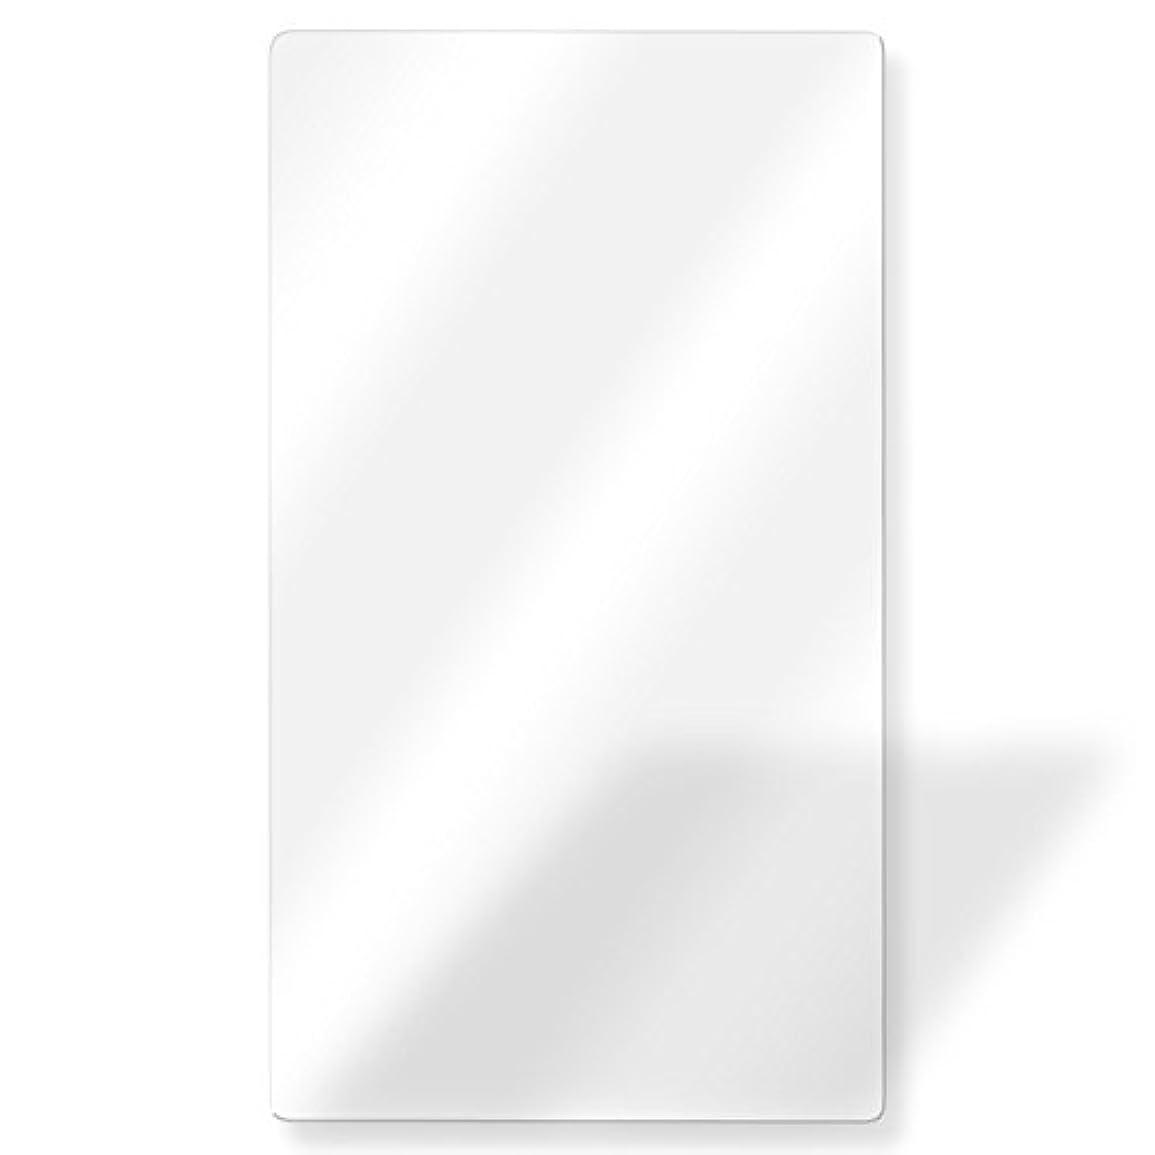 心のこもった公マーケティングホワイトナッツ LG G5 LG-H860N ガラスフィルム 9H 極薄 超硬 液晶 保護 貼り付け簡単 wn-0832653-wy